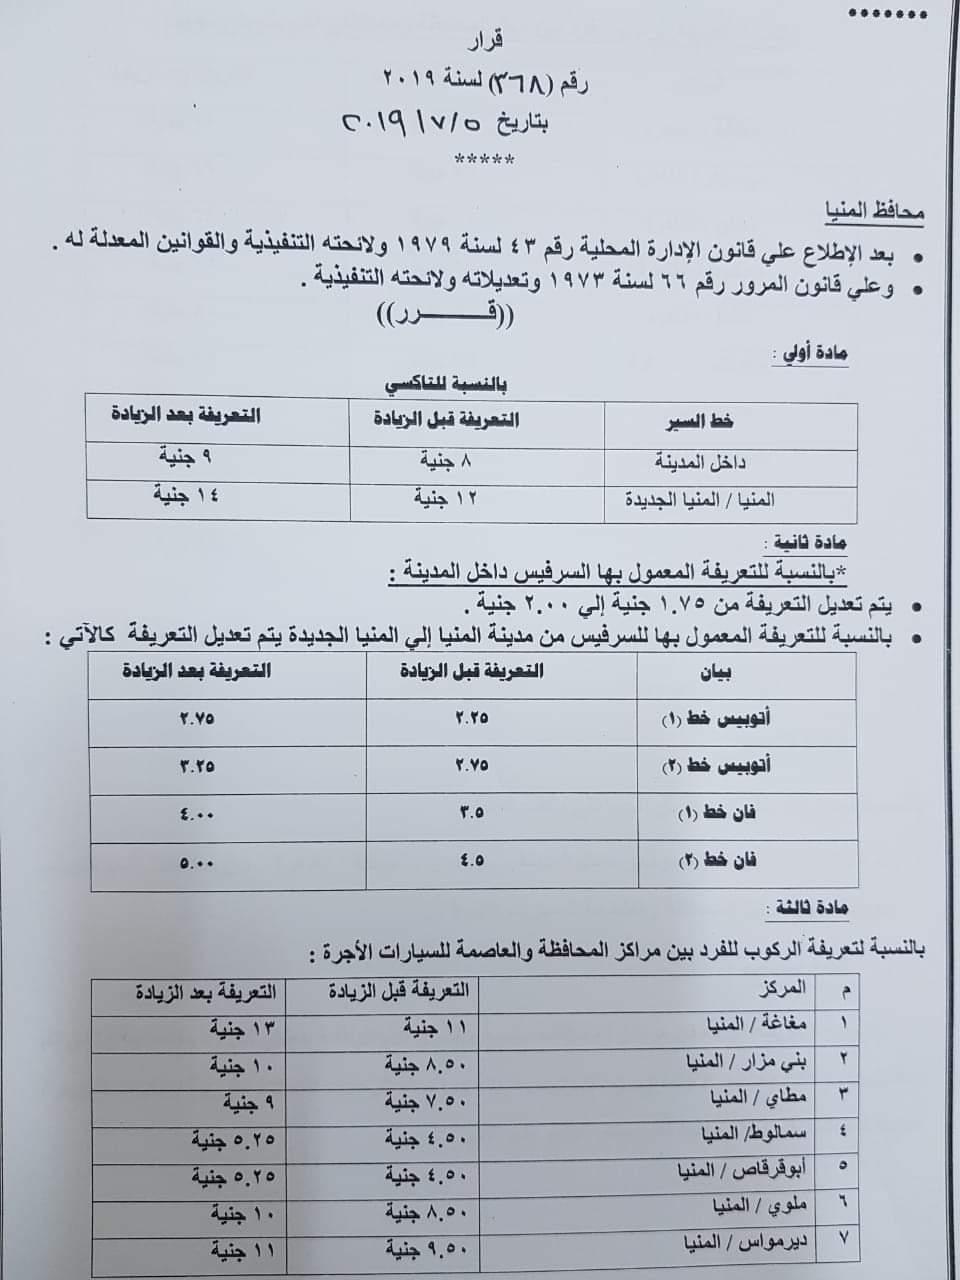 ننشر التعريفه الجديده للمواصلات داخل وبين المدن المصرية بعد زياده اسعار الوقود بجميع المحافظات FB_IMG_1562328770396